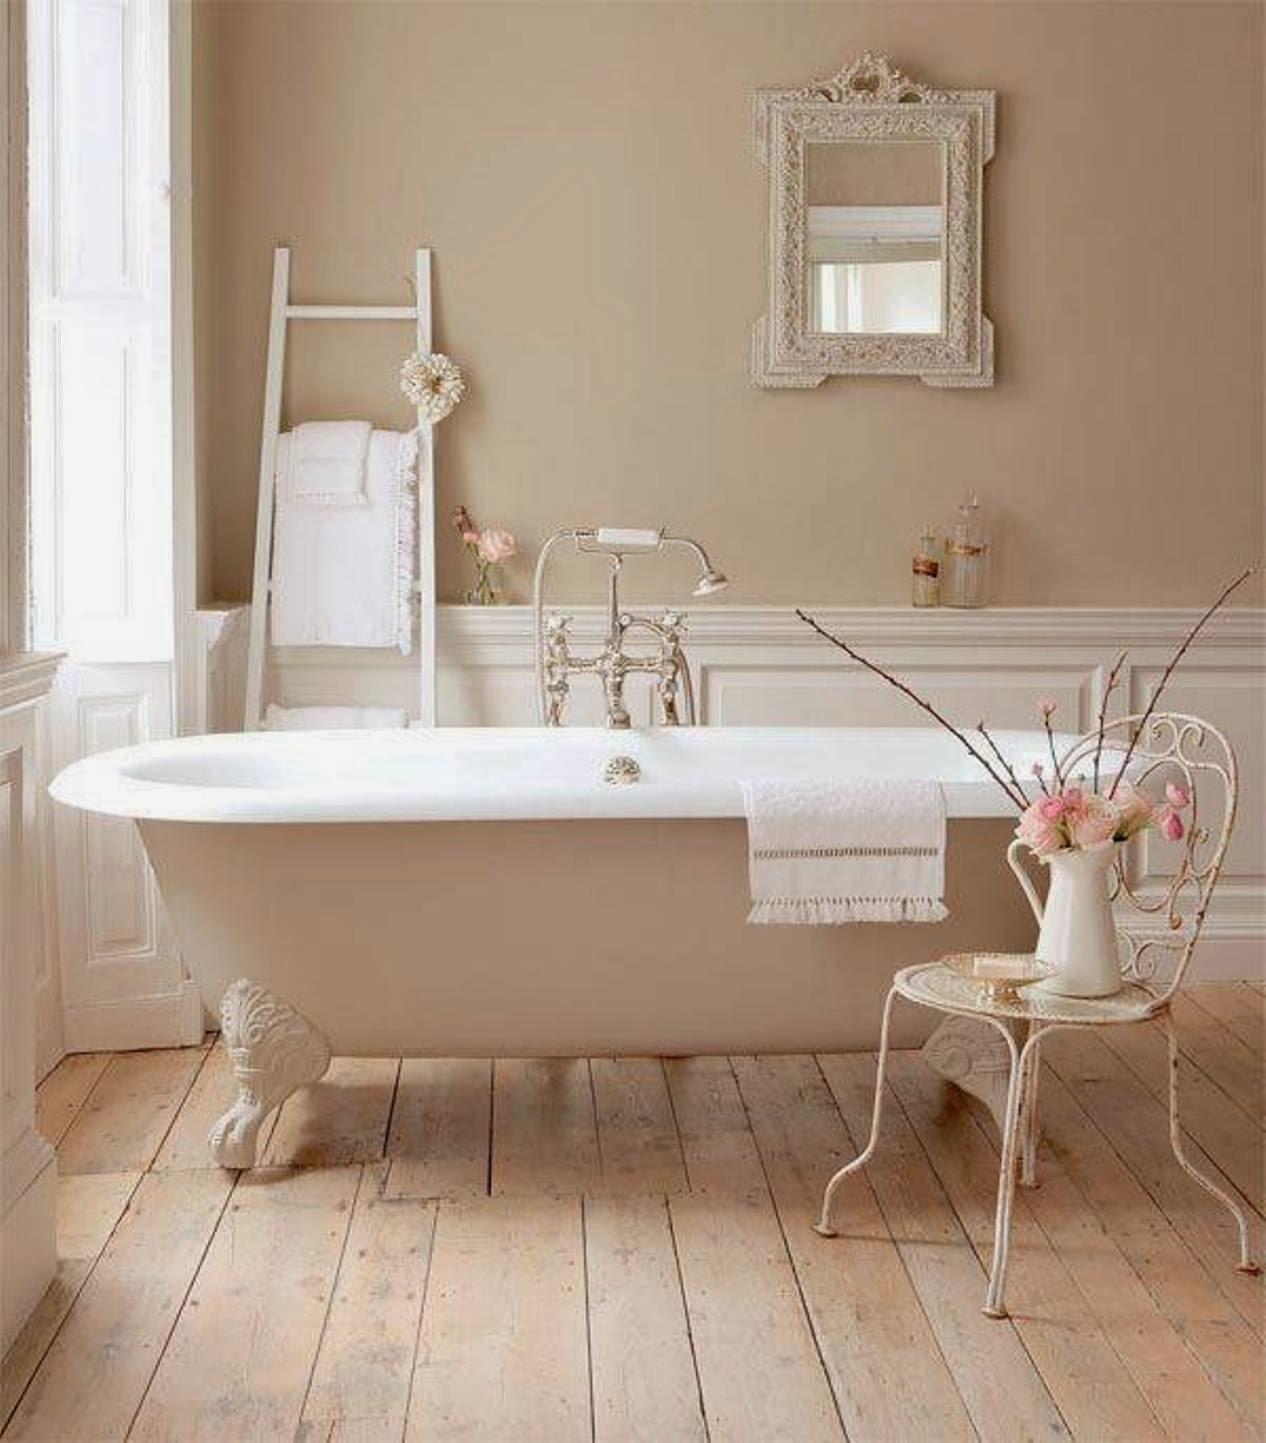 vasca da bagno con scala - Arredamento Shabby